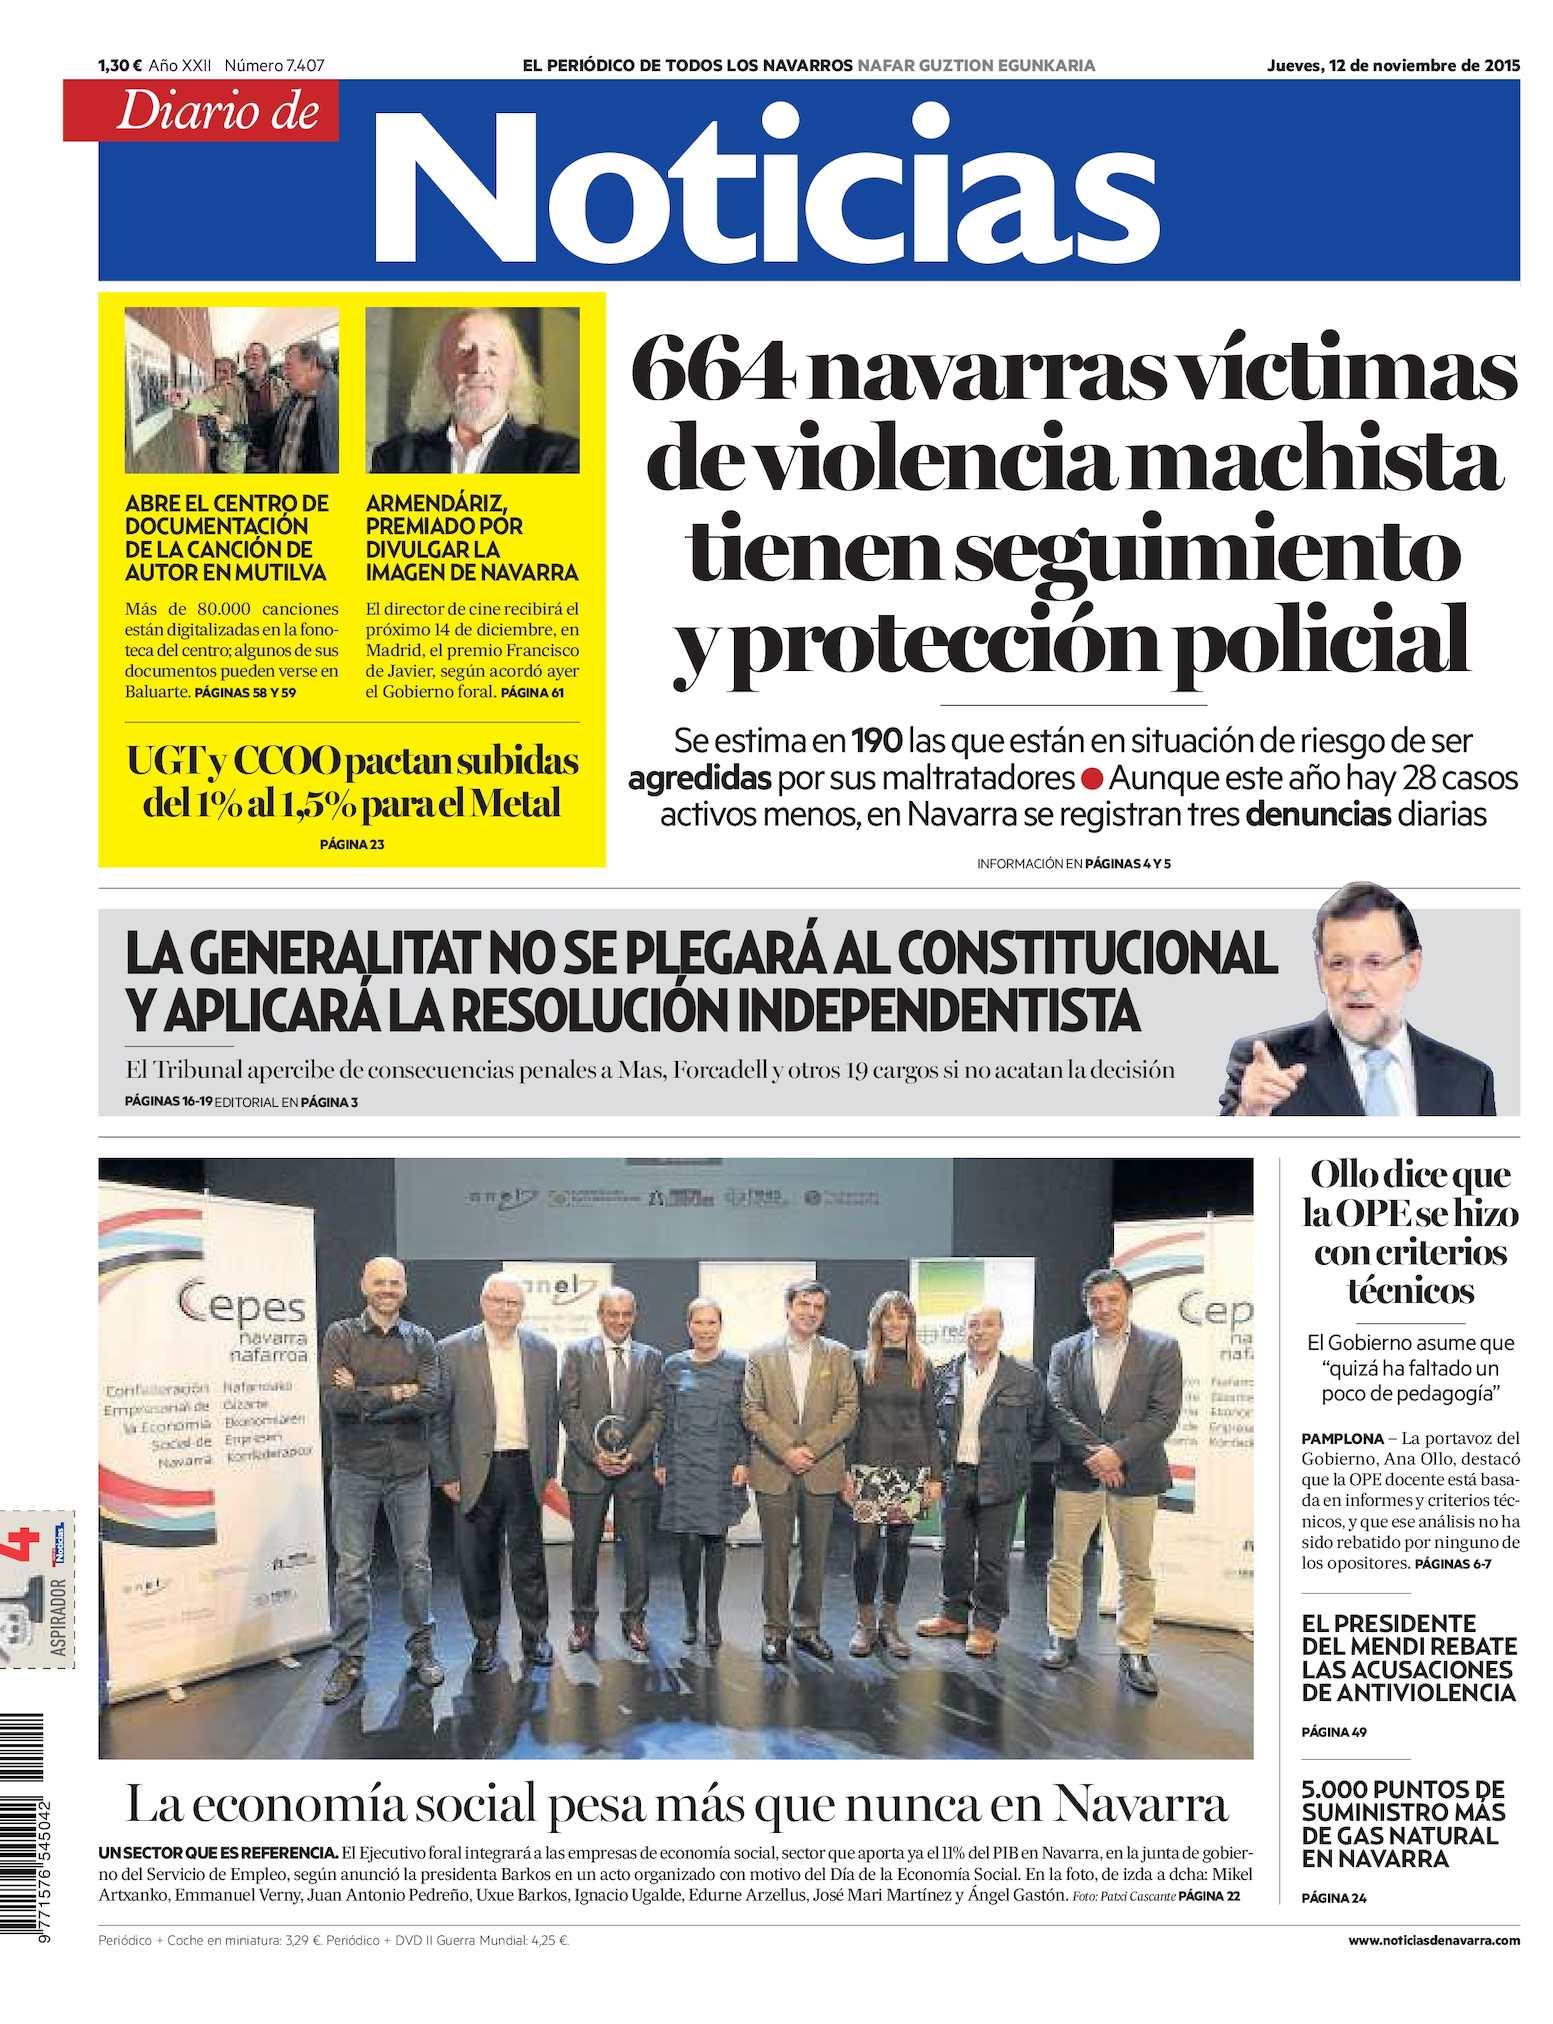 Calaméo - Diario de Noticias 20151112